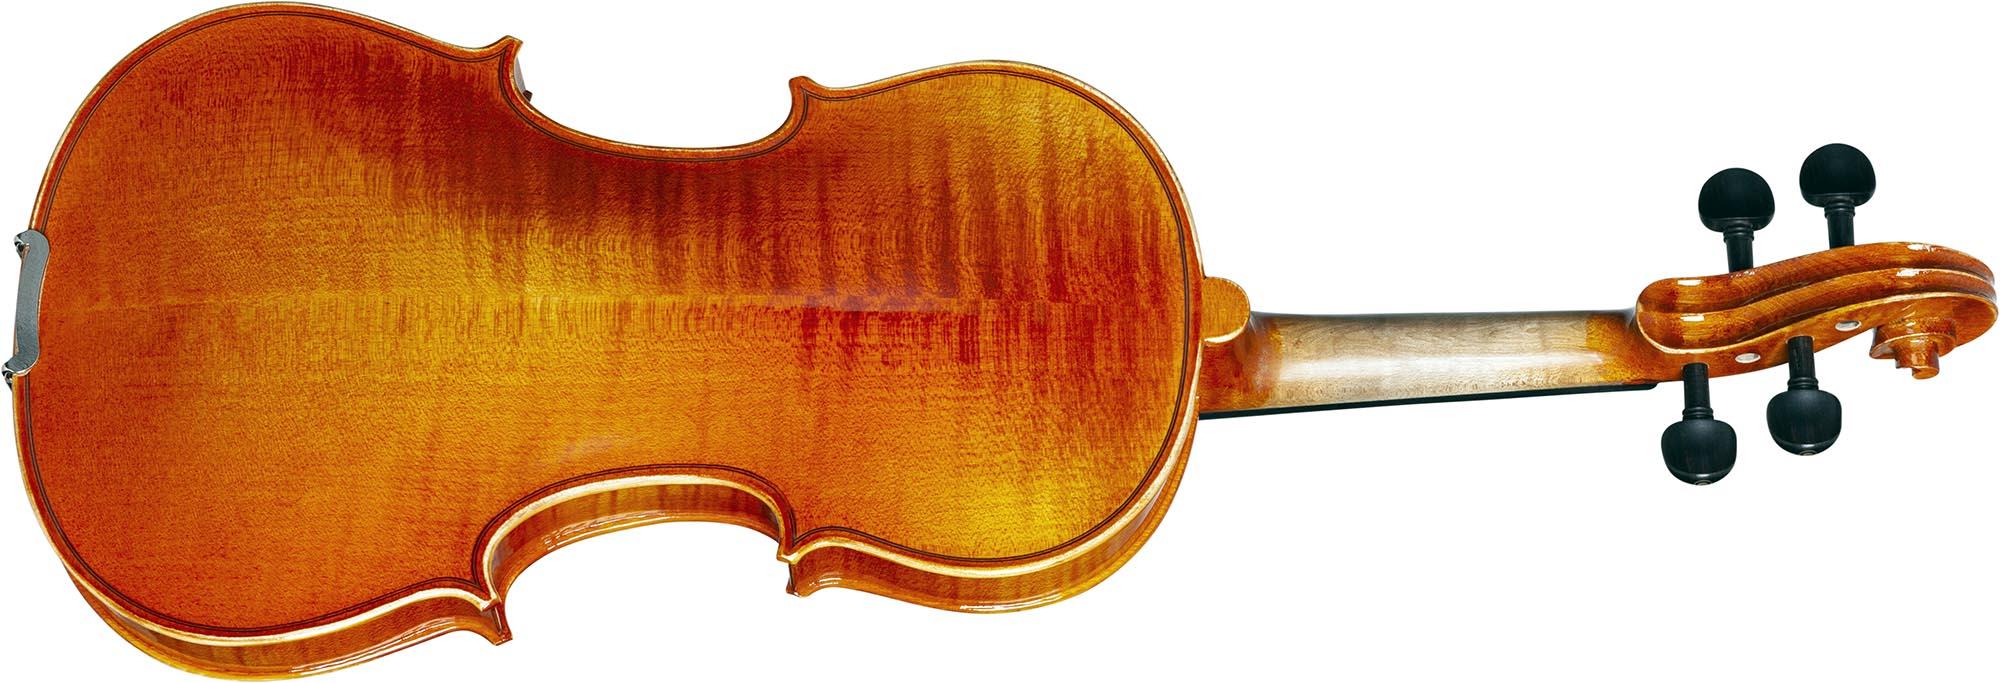 ve145 violino eagle ve145 visao posterior